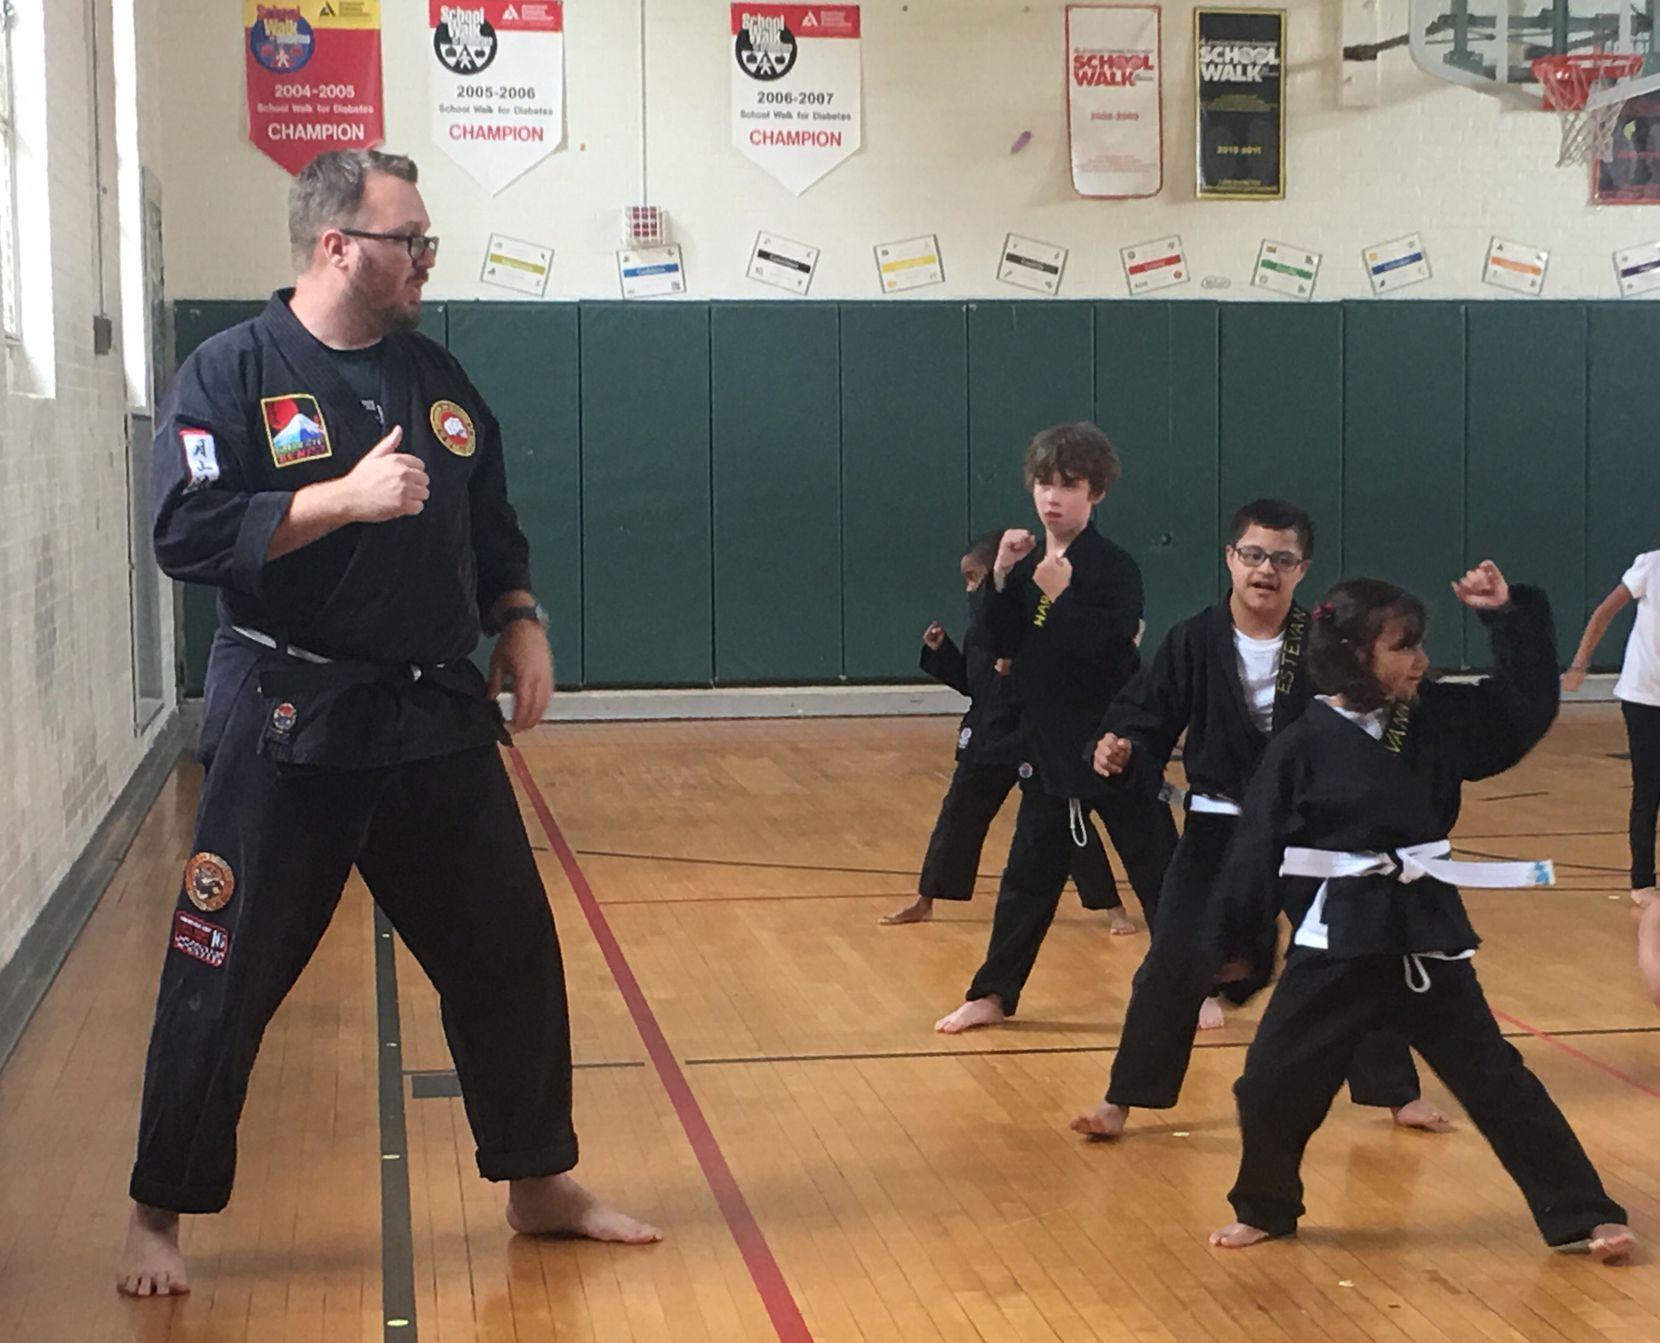 El club de karate es una de las actividades extracurriculares en la escuela Preston Hollow. Foto: JENNY MANRIQUE / AL DIA